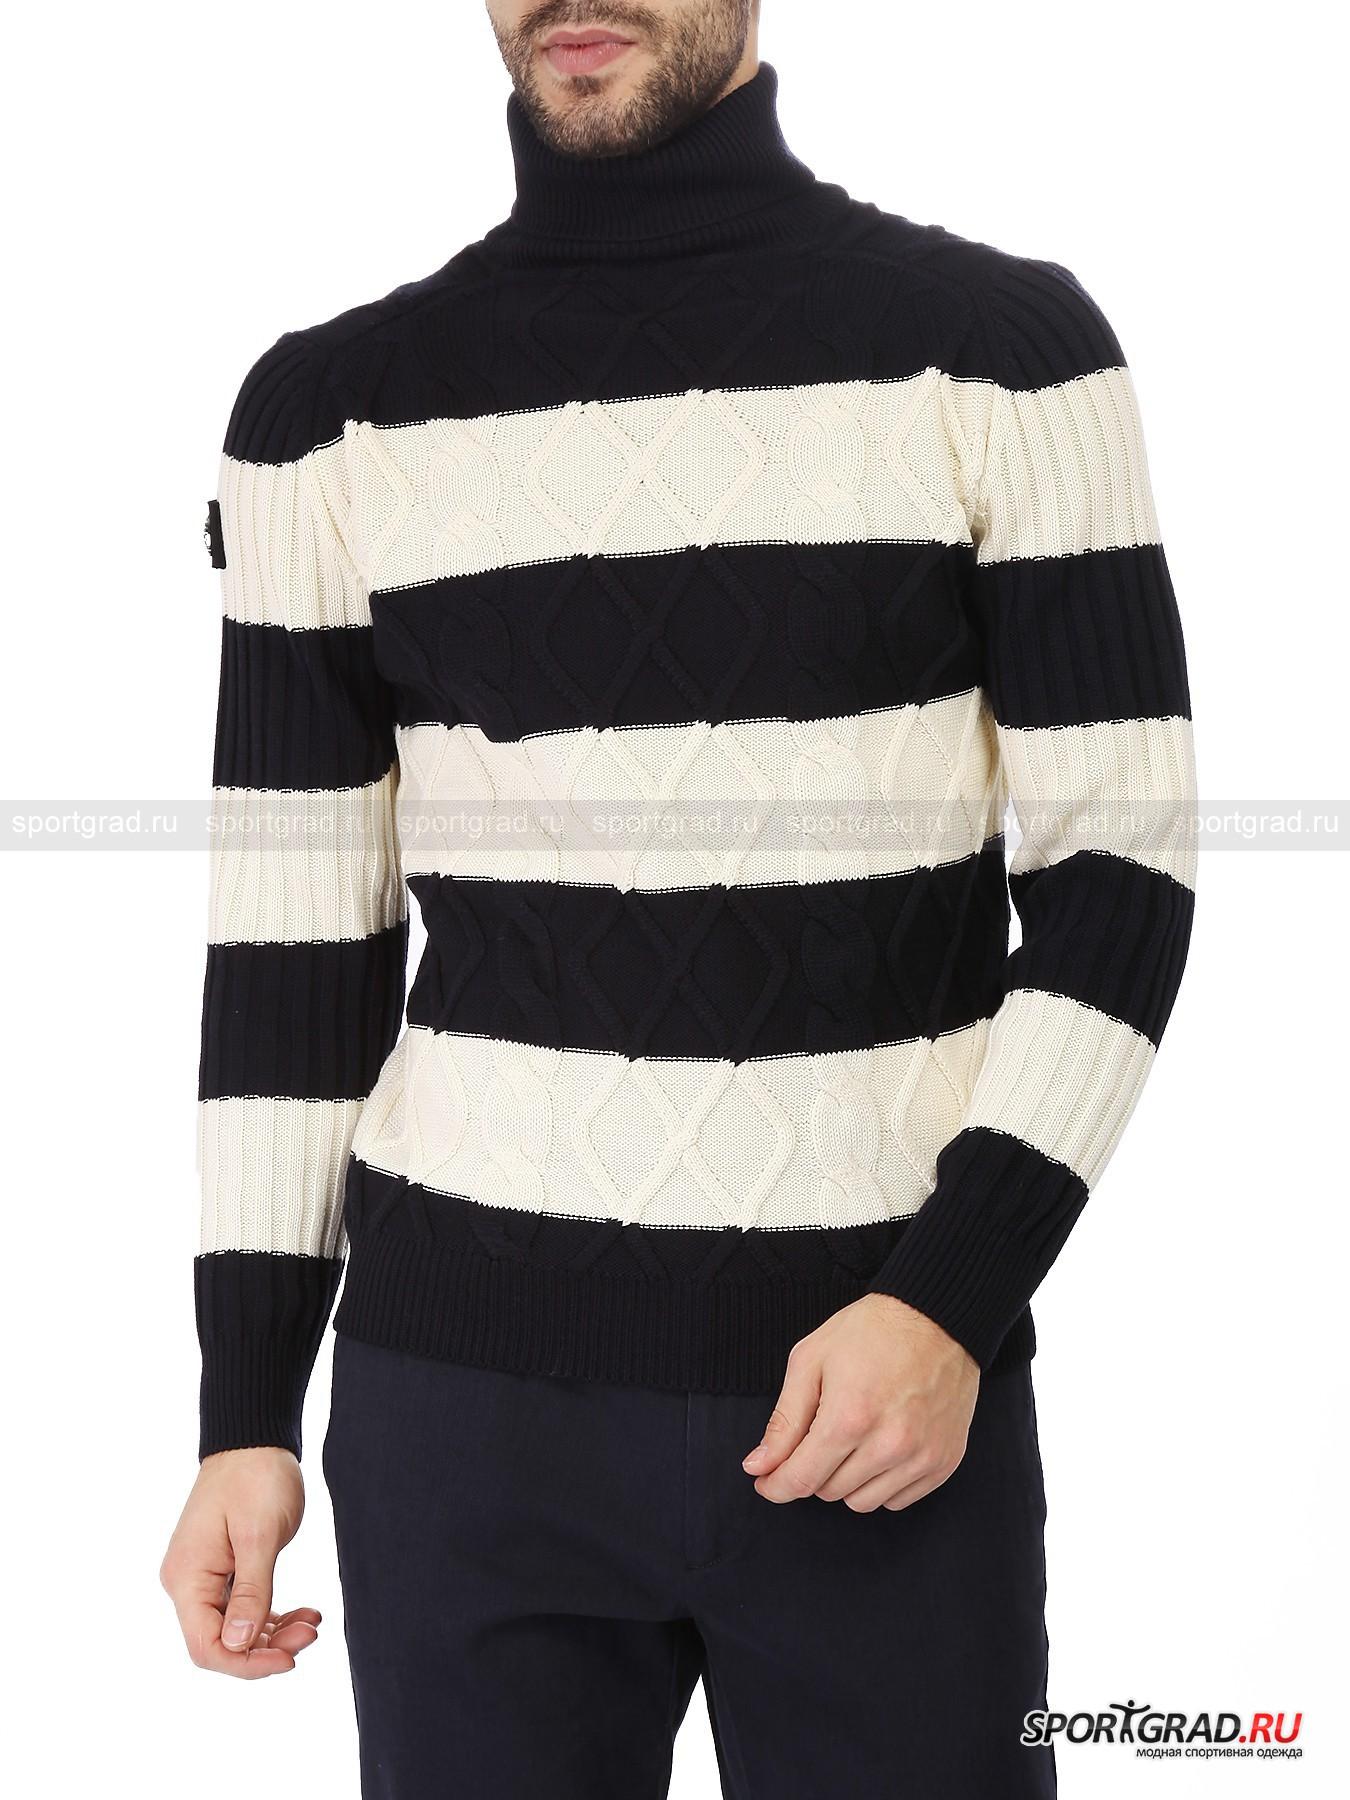 Свитер мужской из шерсти MARINA YACHTINGДжемперы, Свитеры, Пуловеры<br>Вязаные вещи с объемными узорами – настоящий хит этой зимы и один из главных модных трендов и в одежде, и в аксессуарах. Так что такой свитер, как модель от Marina Yachting, представленная на этой странице, непременно должен быть в гардеробе каждого стильного жителя  мегаполиса.<br><br>Свитер сделан из натуральной шерсти, рисунок вязки имитирует изготовленную вручную вещь. Модель чуть-чуть заужена книзу, благодаря чему облегает тело, даря комфорт и уют. Традиционное для Marina Yachting «полосатое» оформление в реальности имеет немного другой оттенок, нежели на фото: здесь соединяется светло-бежевый и темно-синий цвета.<br><br>Особенности модели:<br>- высокий воротник;<br>- рукава связаны «резинкой»;<br>- выпуклый узор;<br>- фирменная нашивка на плече.<br><br>Пол: Мужской<br>Возраст: Взрослый<br>Тип: Джемперы, Свитеры, Пуловеры<br>Рекомендации по уходу: ручная стирка; не отбеливать; гладить при температуре до 110 С; щадящая химчистка; сушить в горизонталньном положении<br>Состав: 100% шерсть